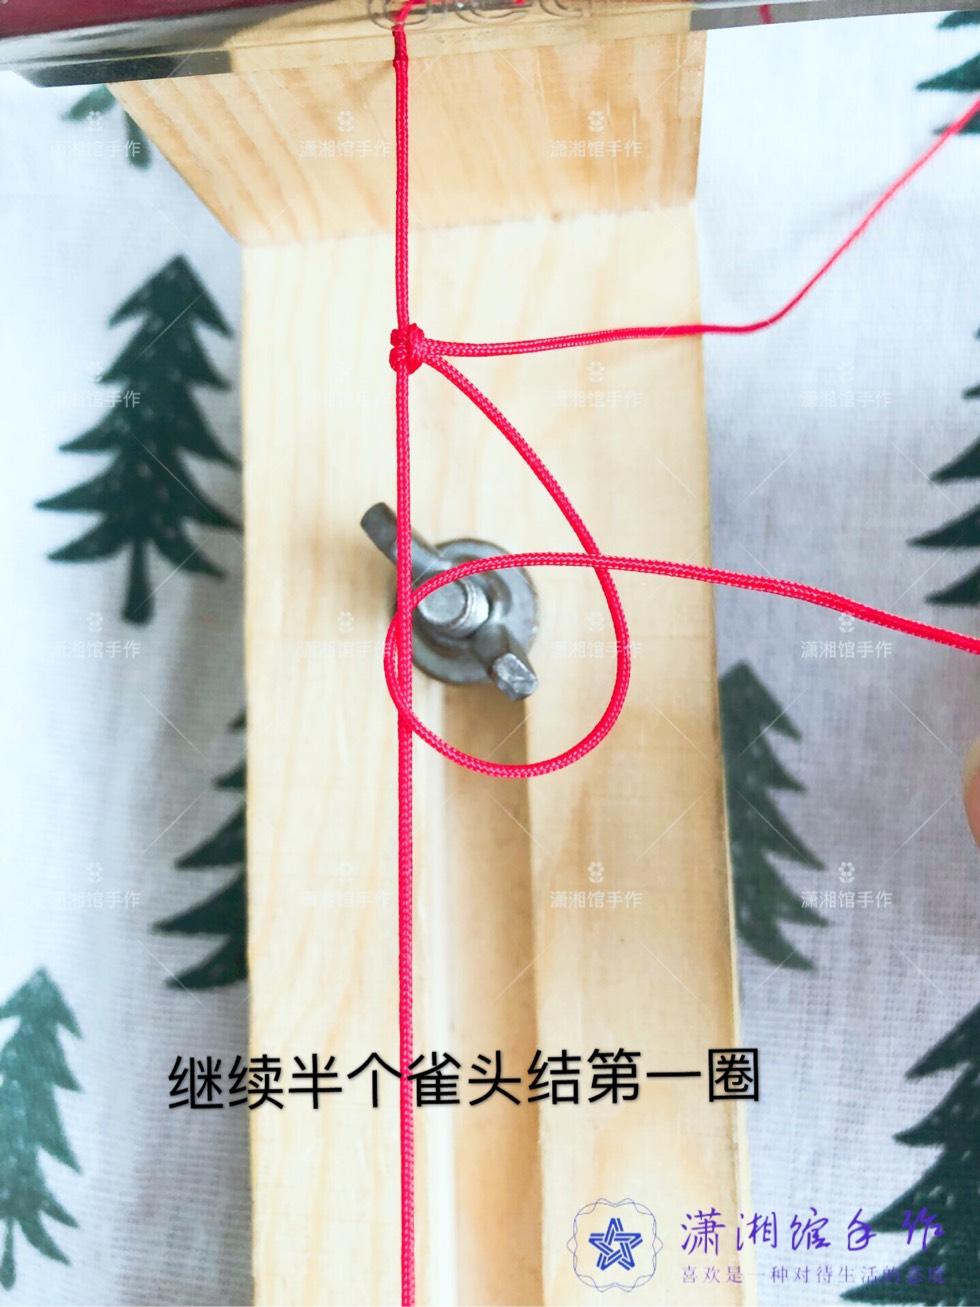 中国结论坛 硬币天使翅膀手链  图文教程区 162433n4w5jzp85y8j55bk